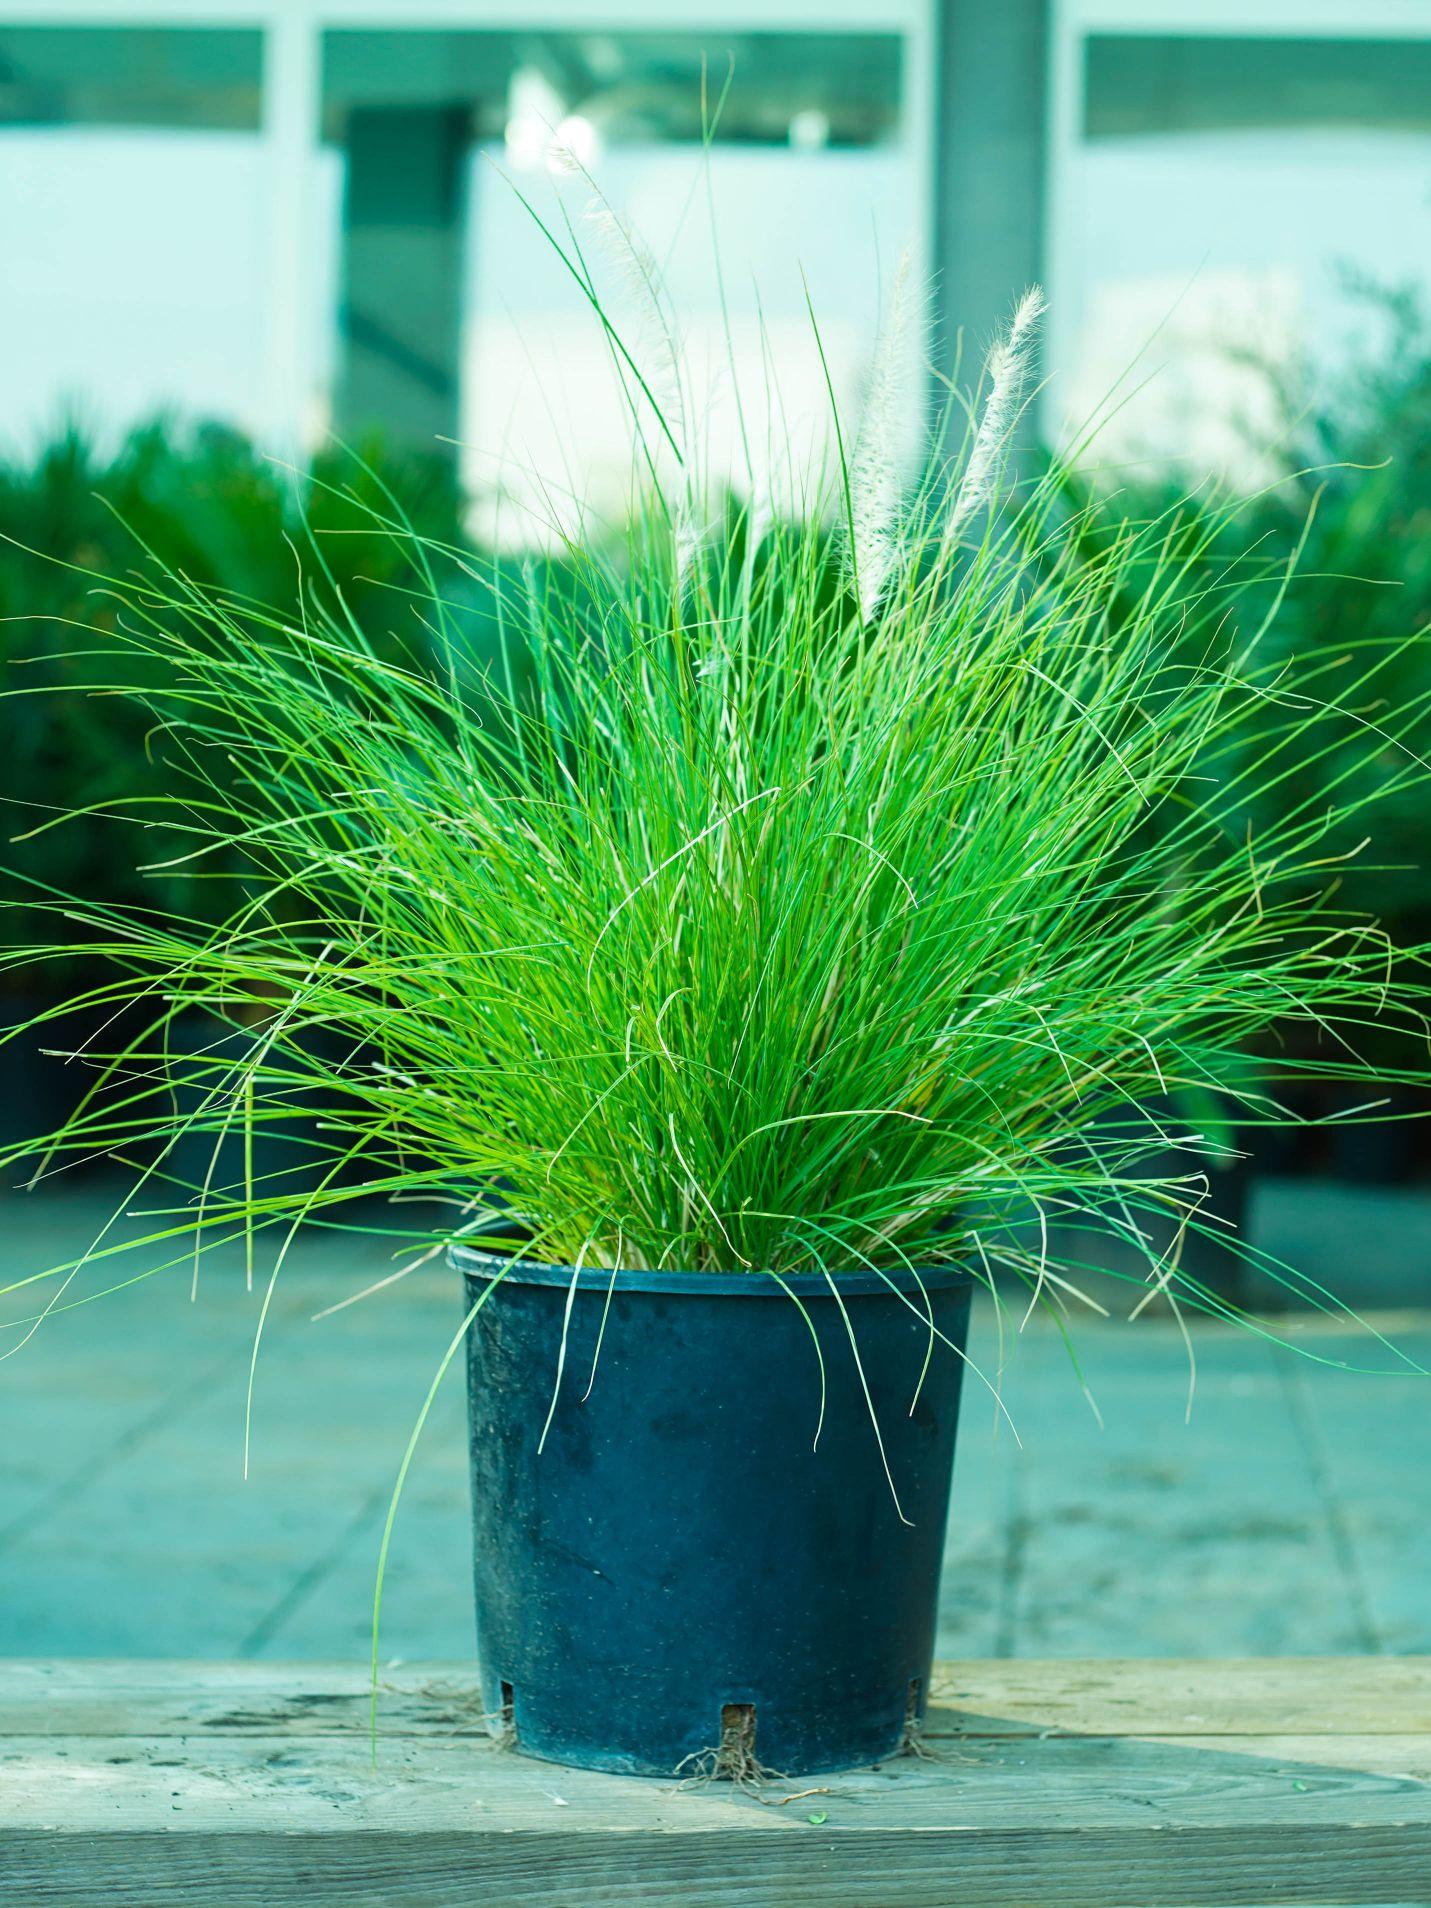 بننسيتوم ساتيسم 'نباتات خارجية'